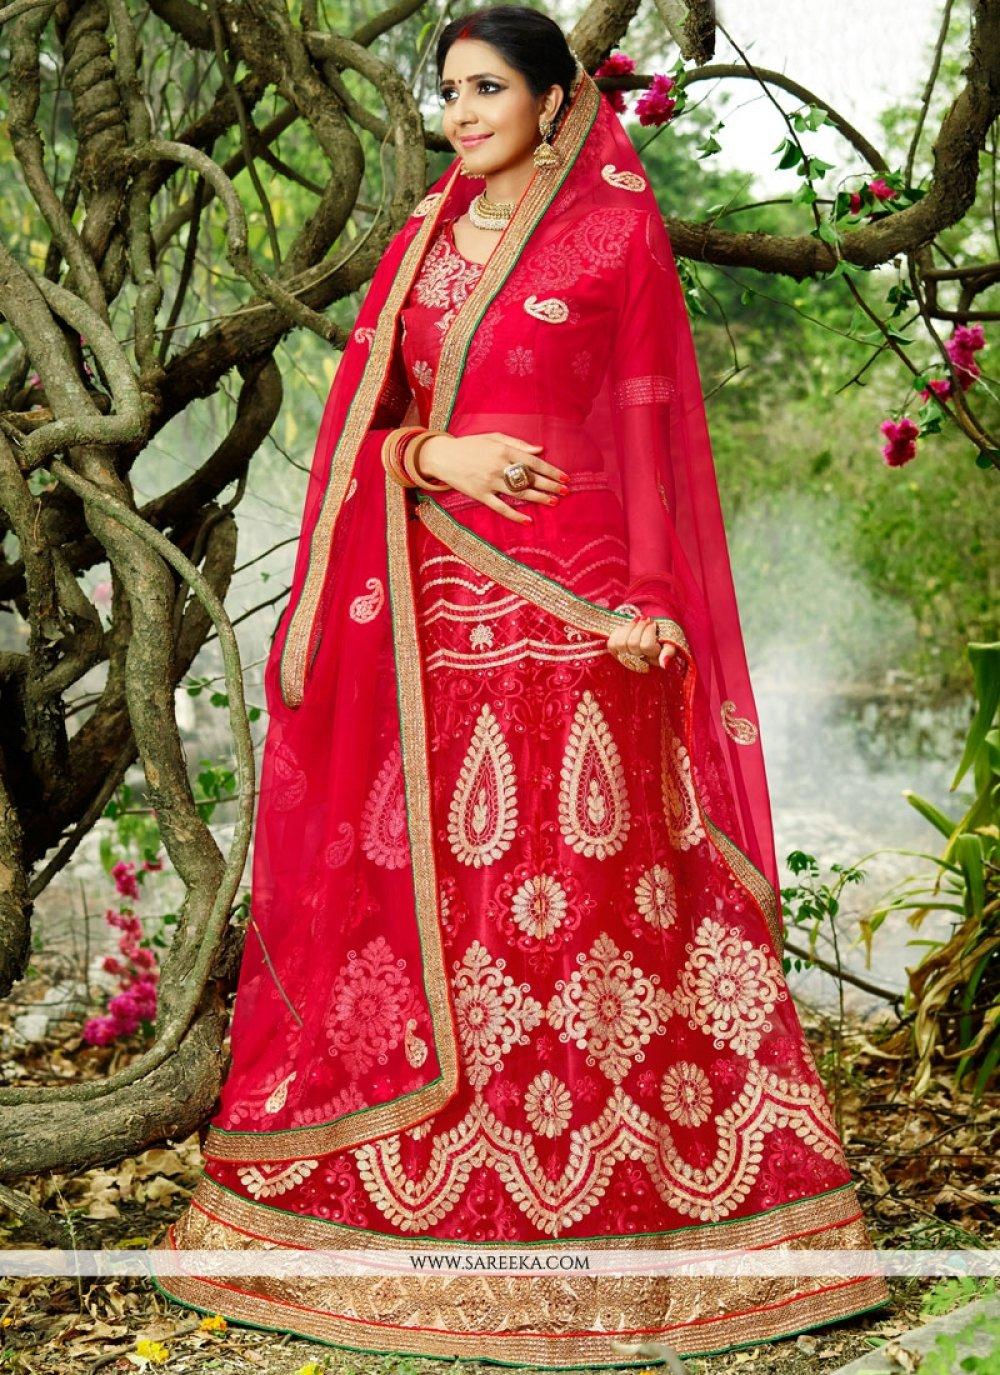 Resham Work Red Lehenga Choli